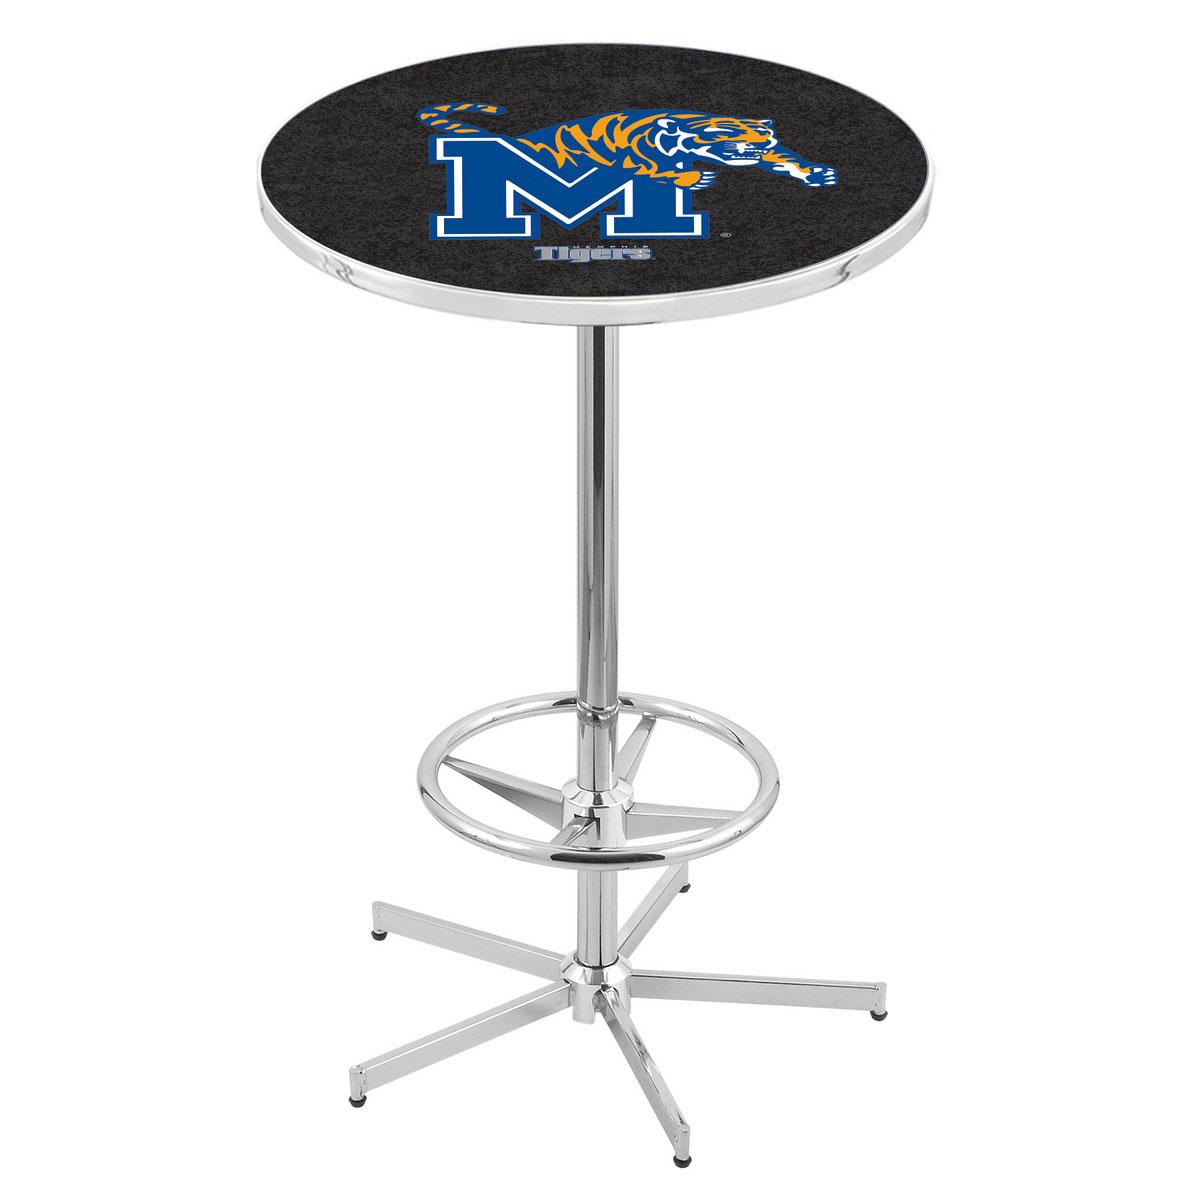 Remarkable Chrome Memphis Pub Table Product Photo